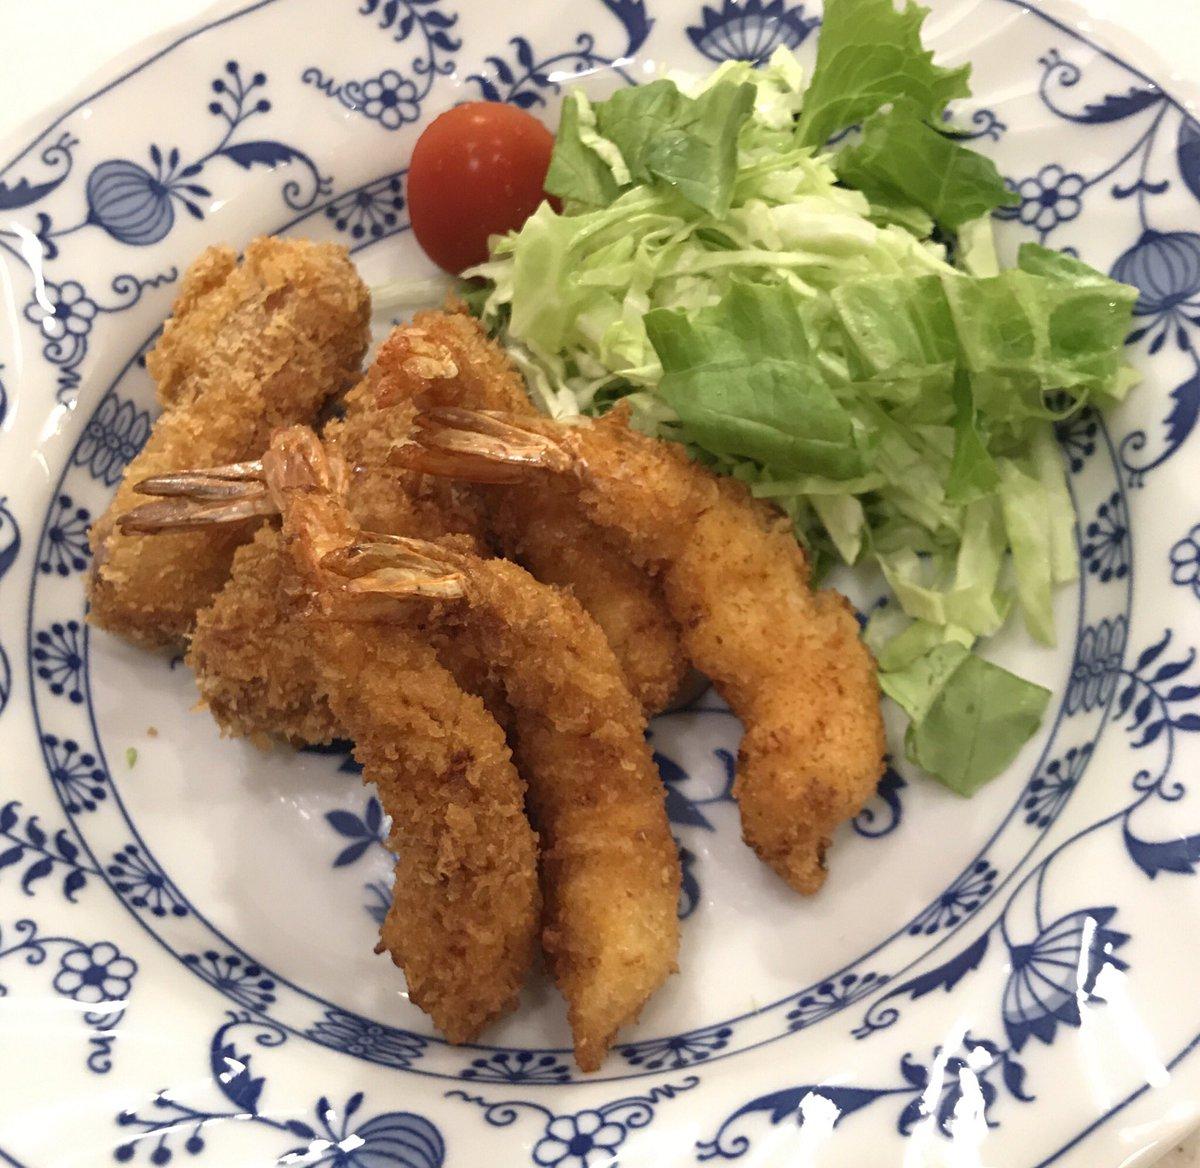 晩ごはんは、海老フライ🍤です❣️これから🍻、頂きますッ😽#手料理 #晩ごはん #海老フライ